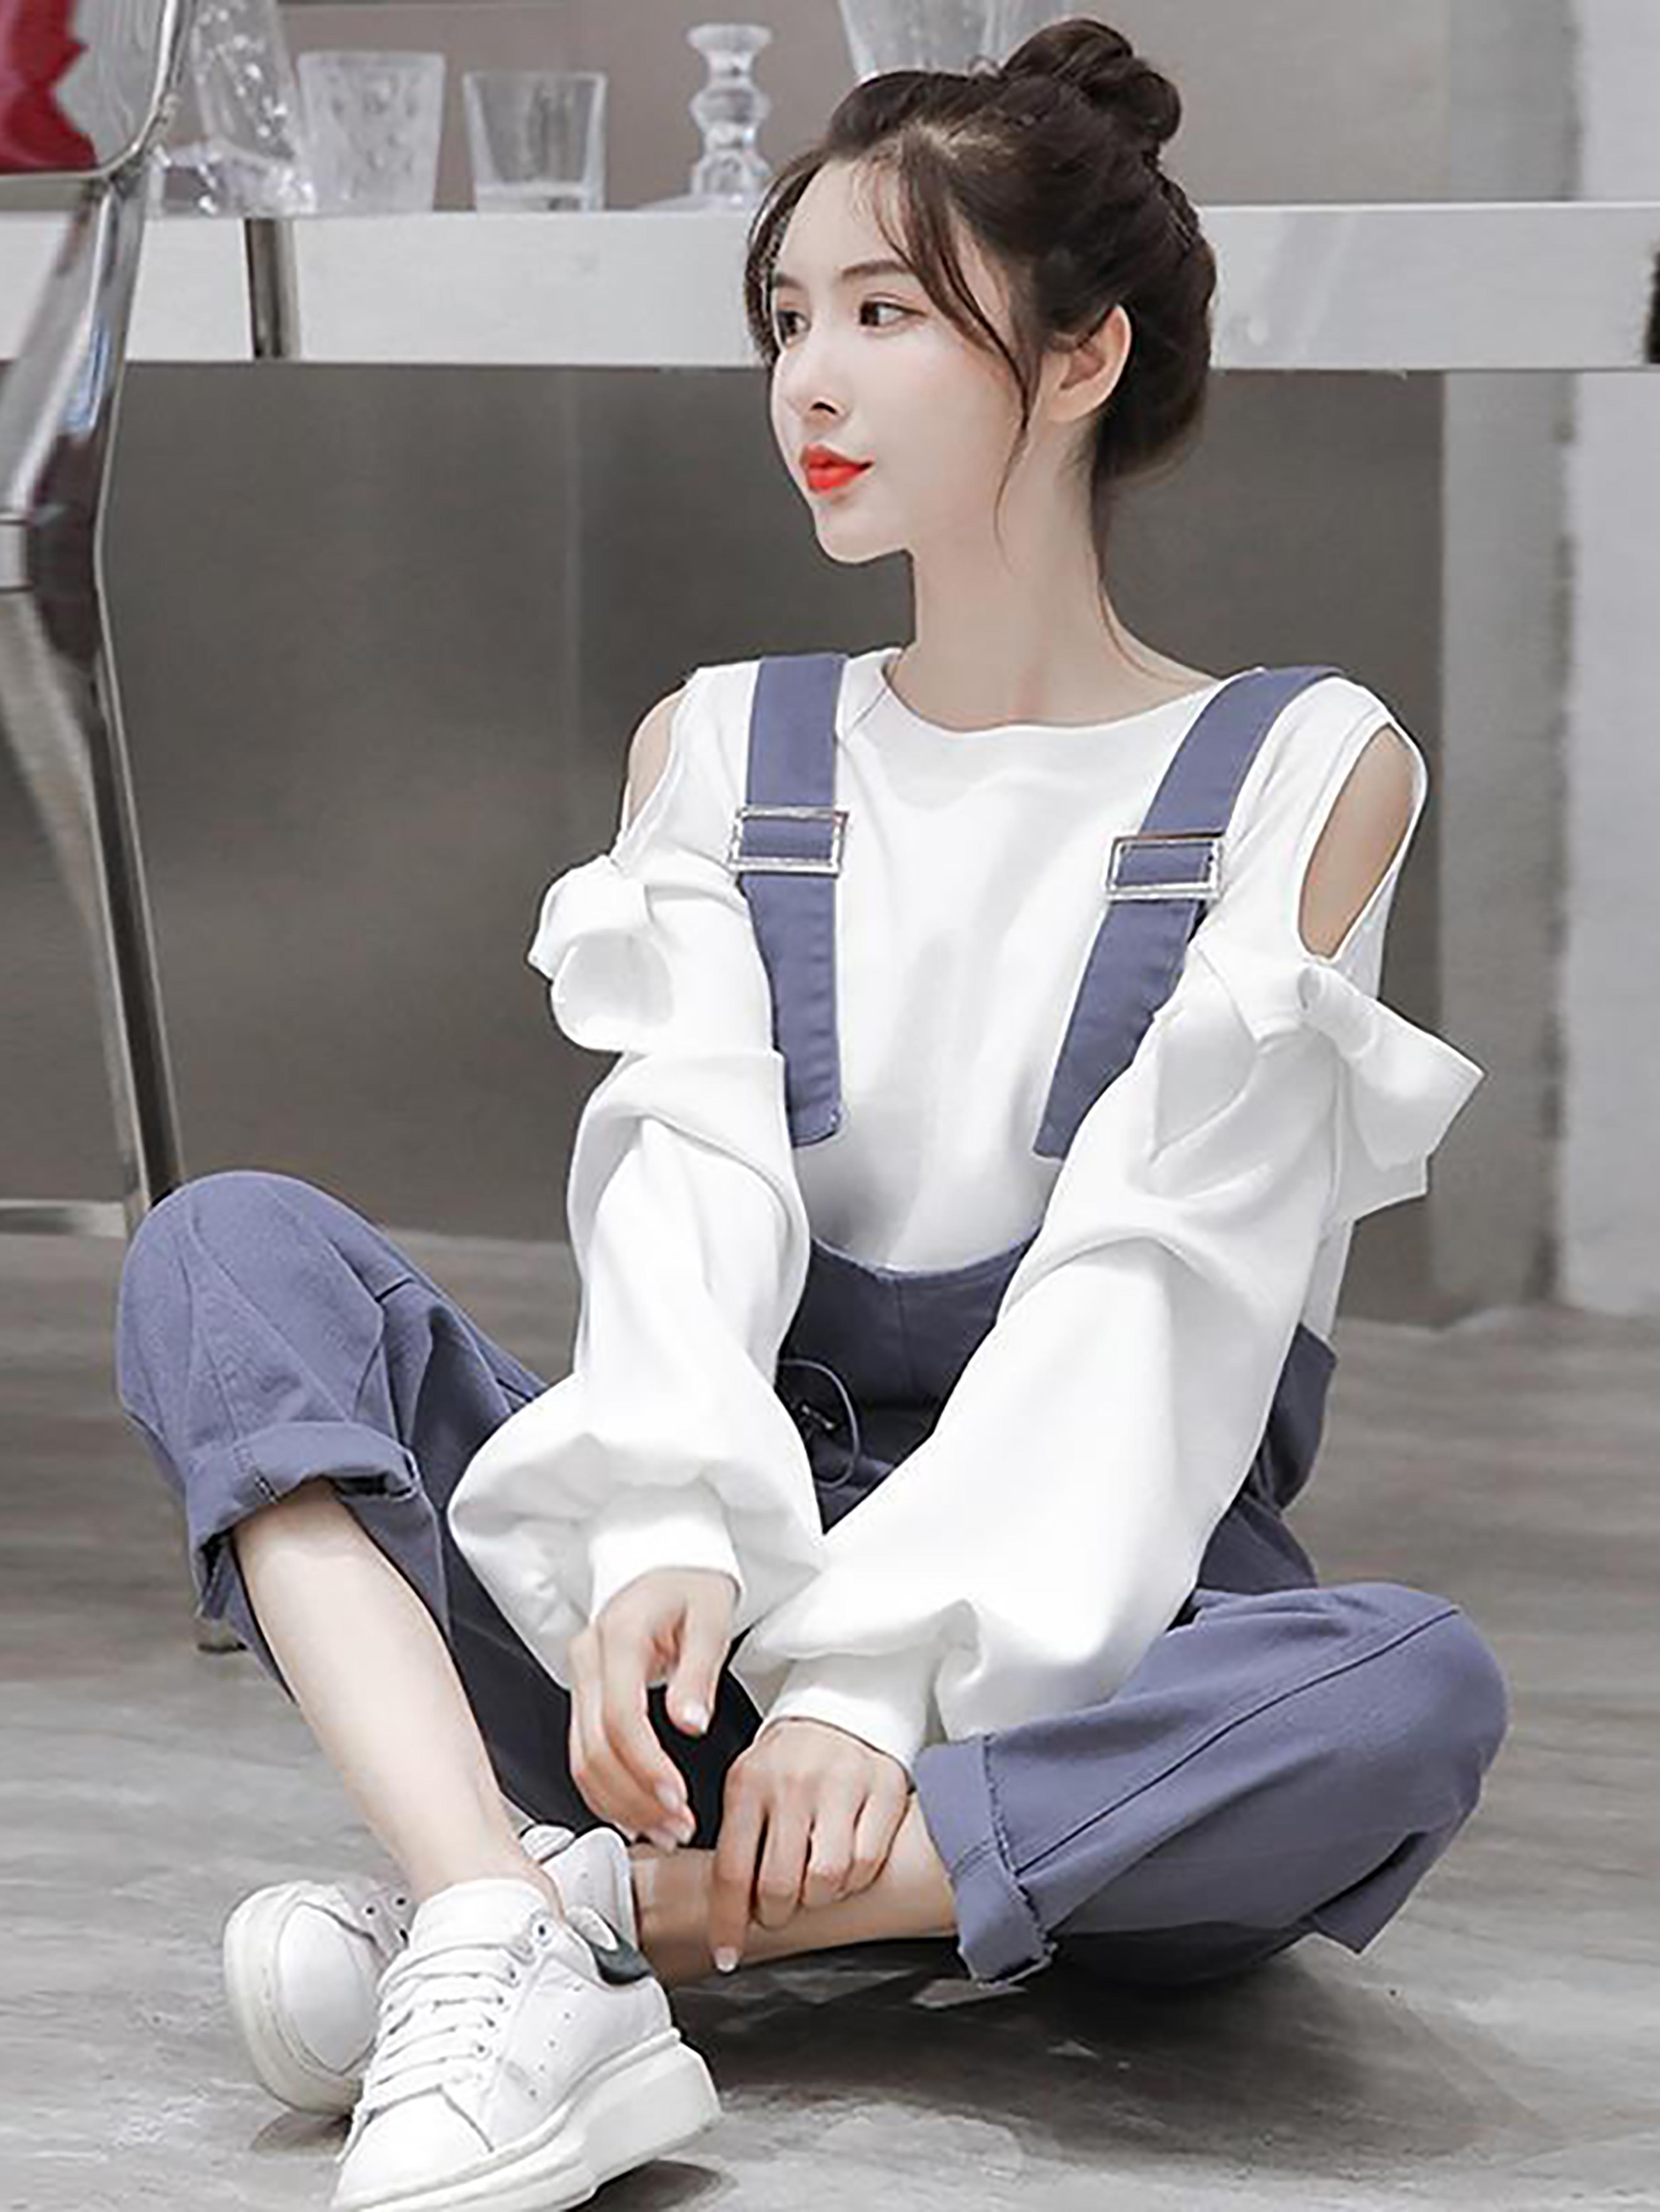 春夏季新款韩范显瘦背带裤+白色露肩蝴蝶结T恤两件套时尚套装女